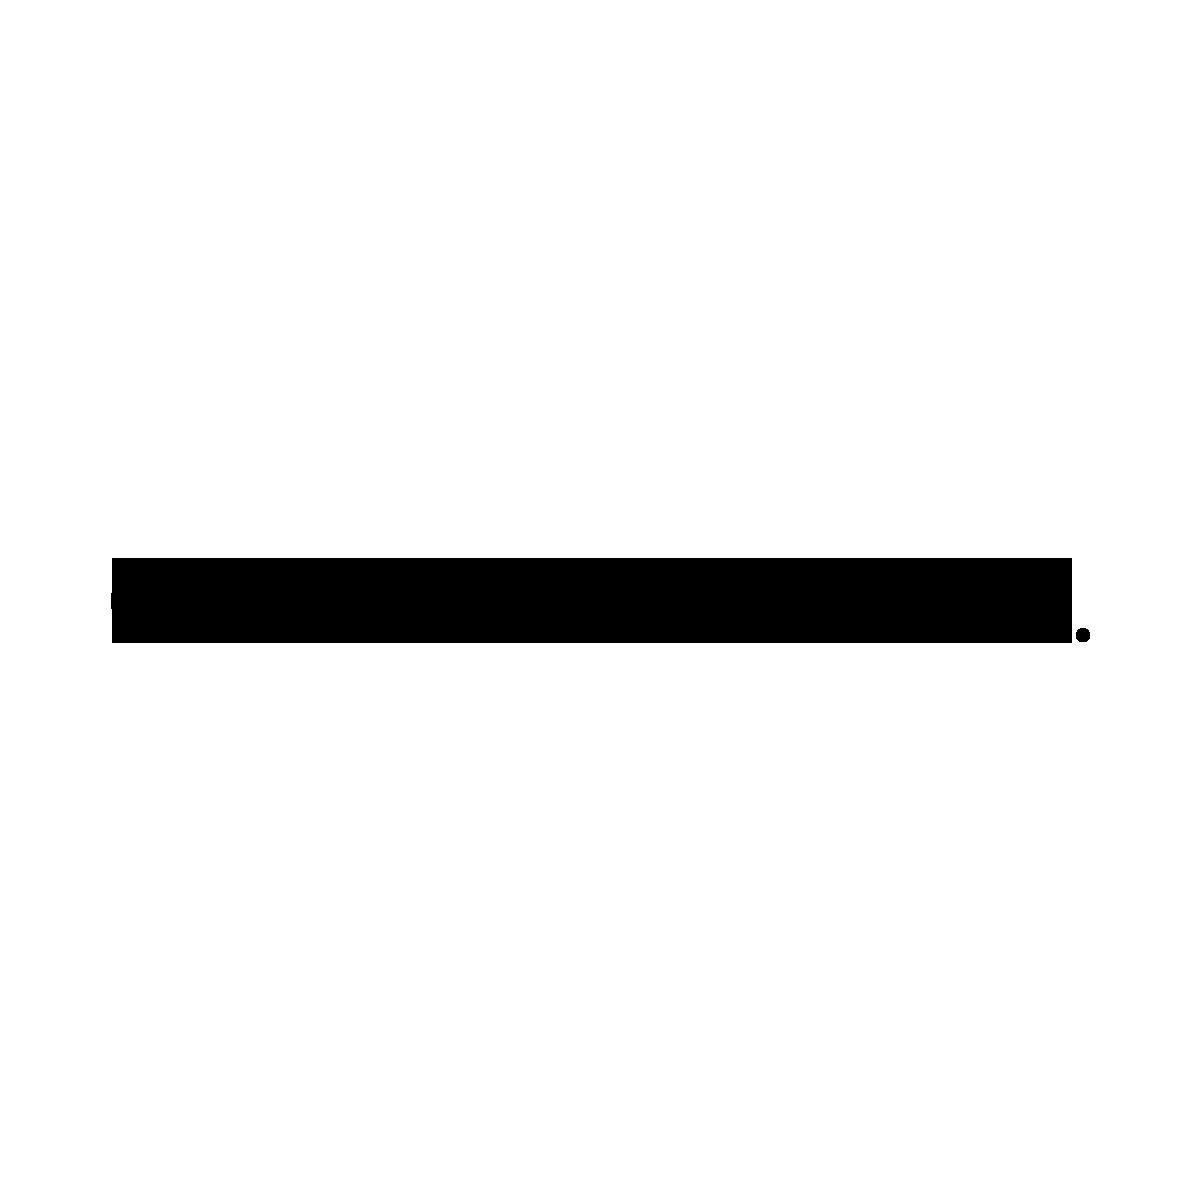 Espadrille-slipper-zijde-mosterdgeel